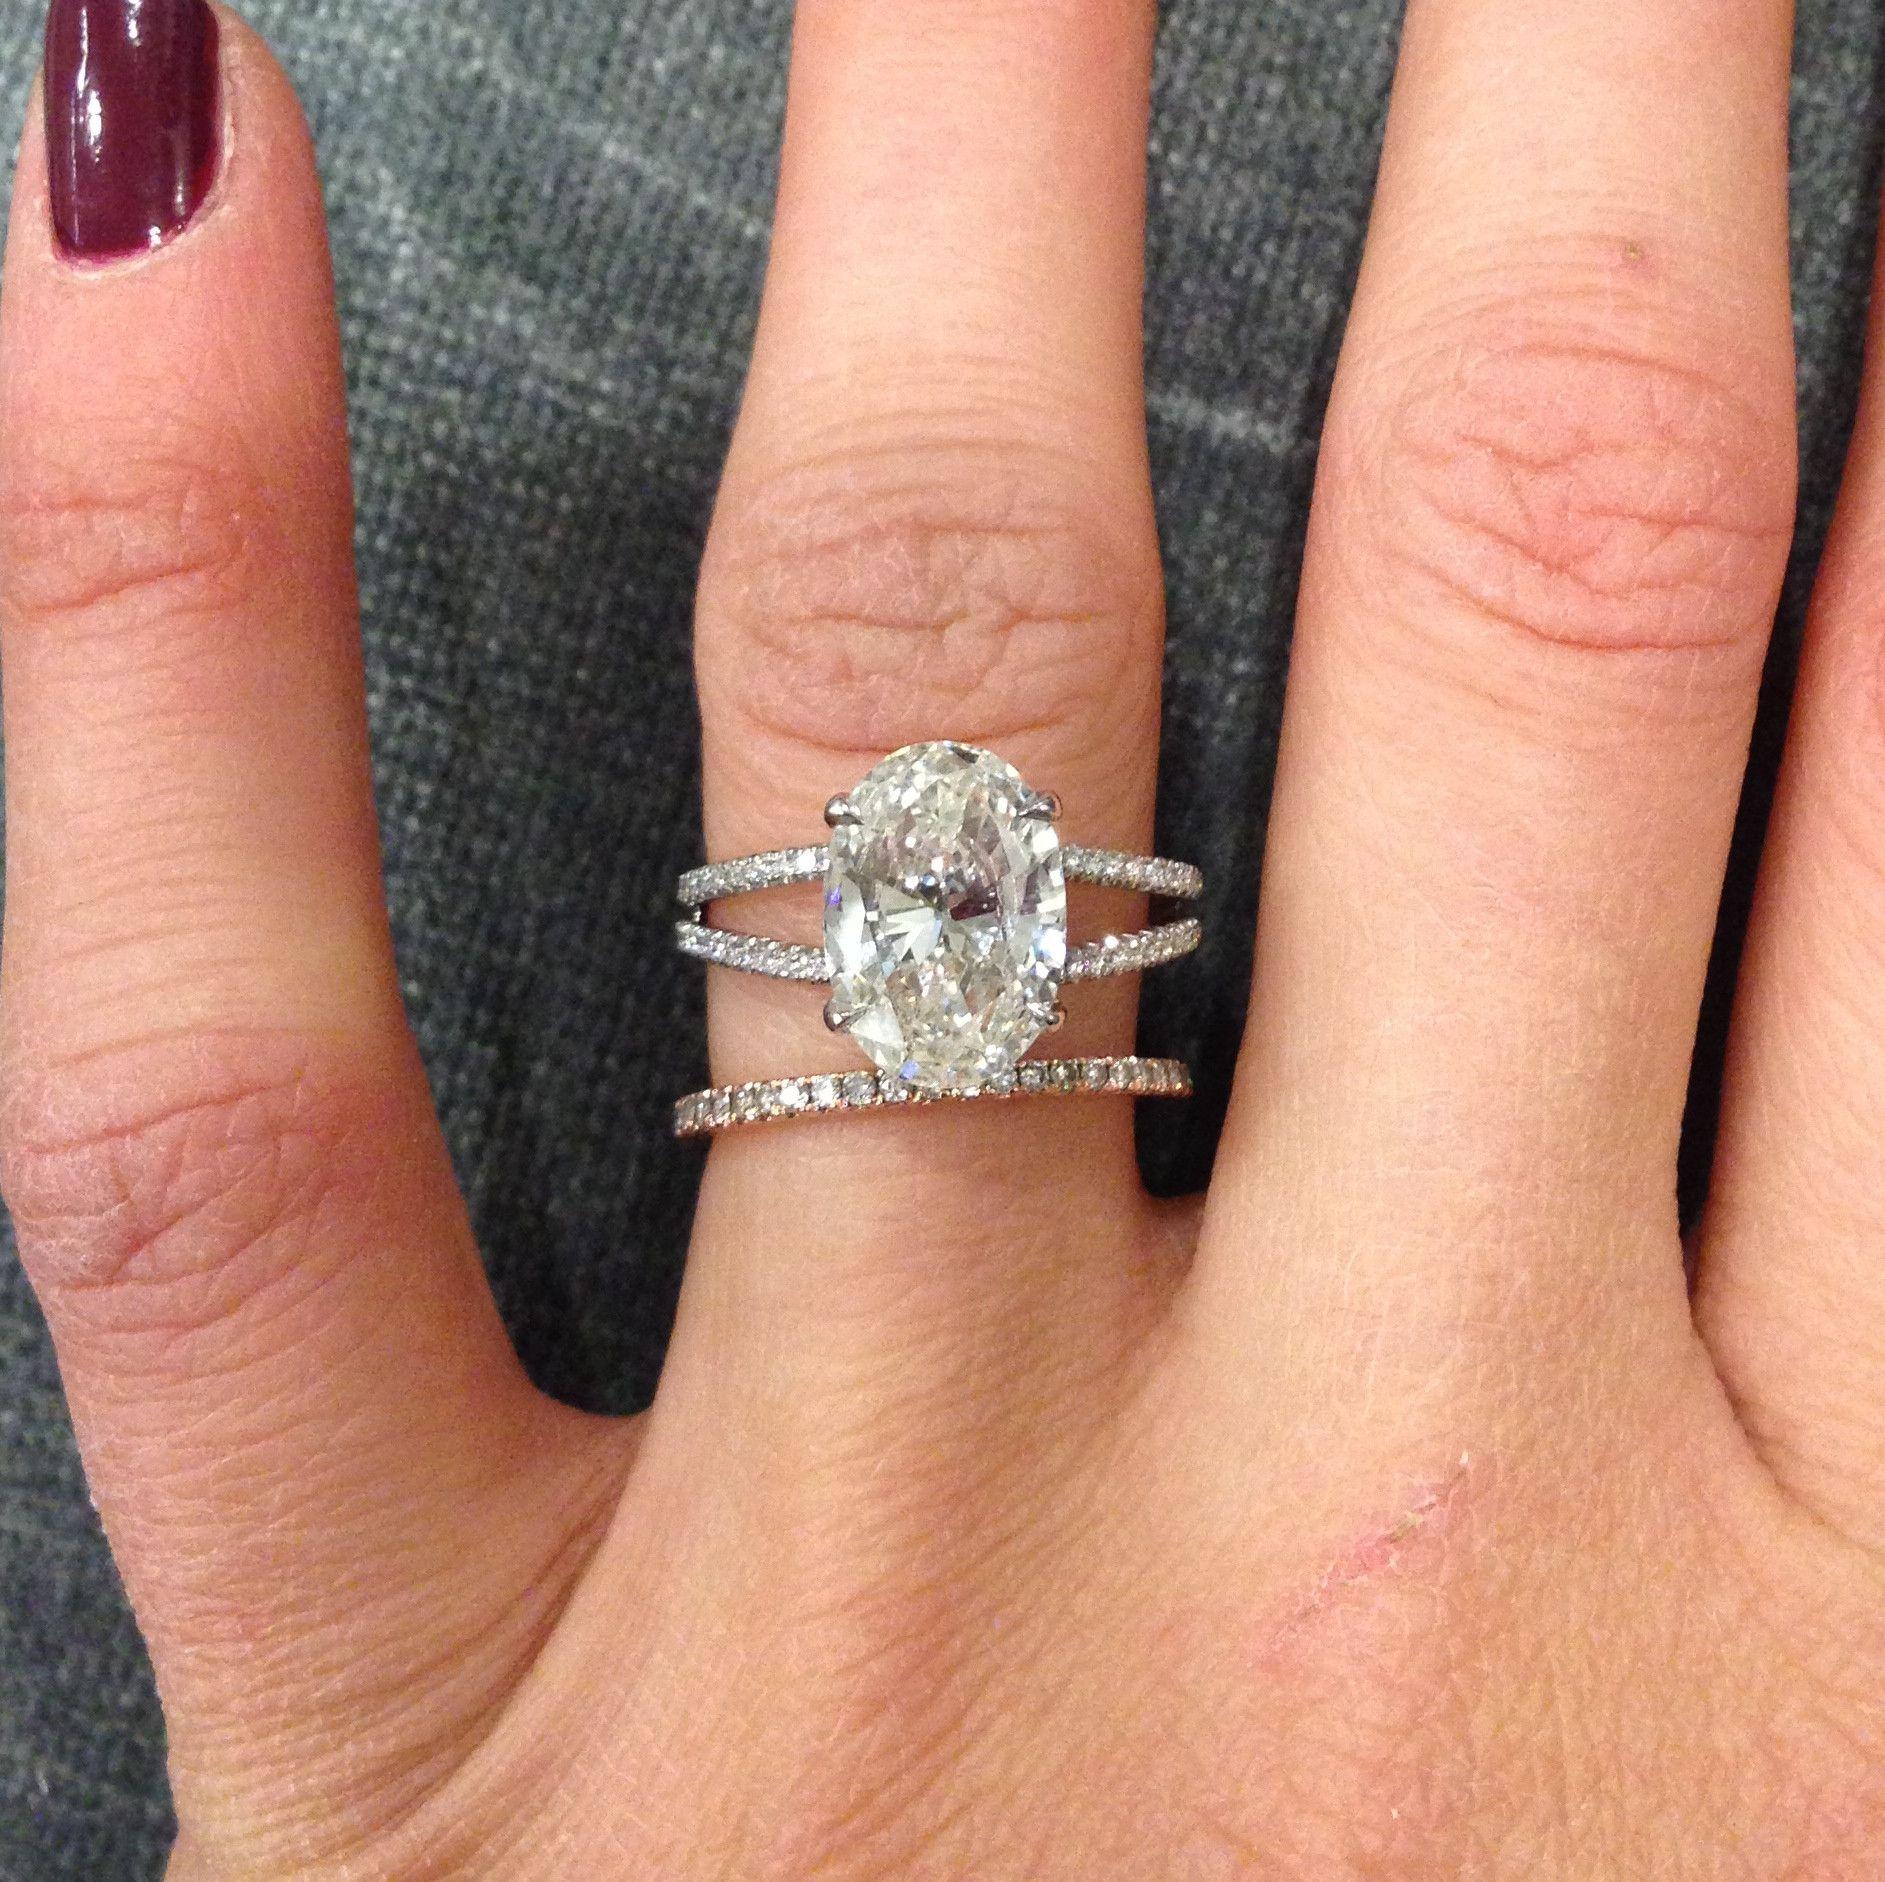 Oval Diamond Ring Gallery Stephanie Gottlieb Fine Jewelry The